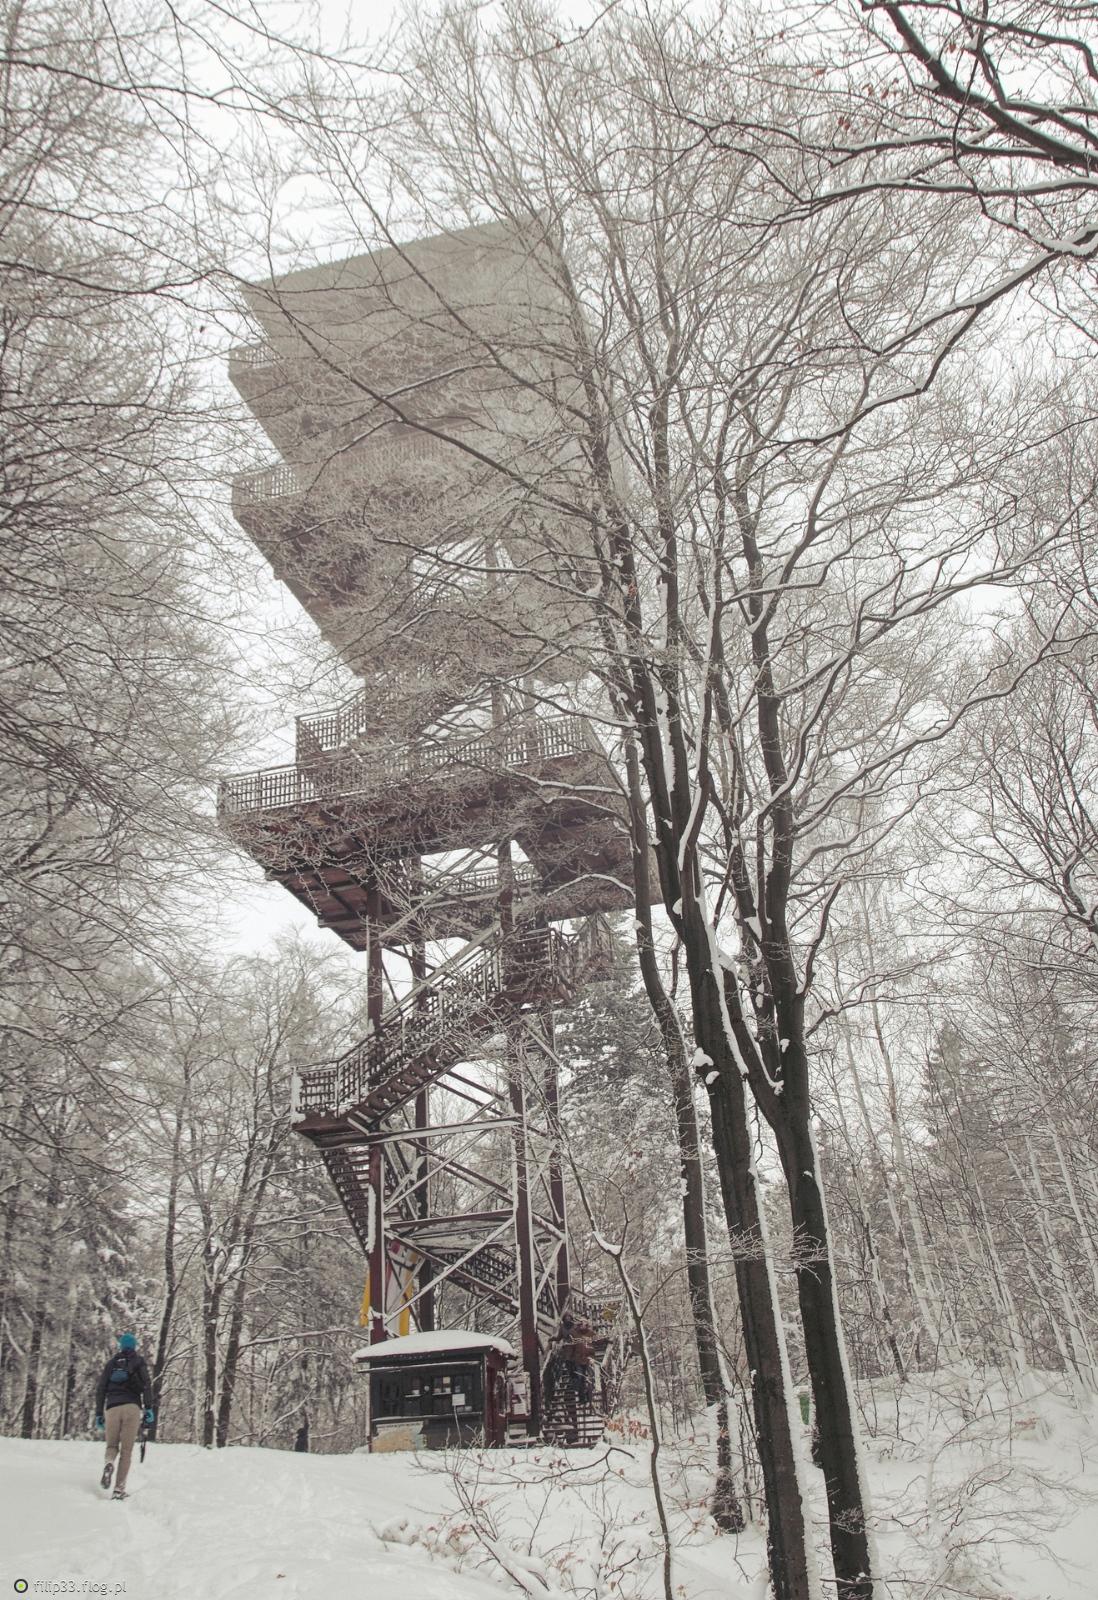 Wieża w Wieżycy,śnieg i czynnik ludzki :)